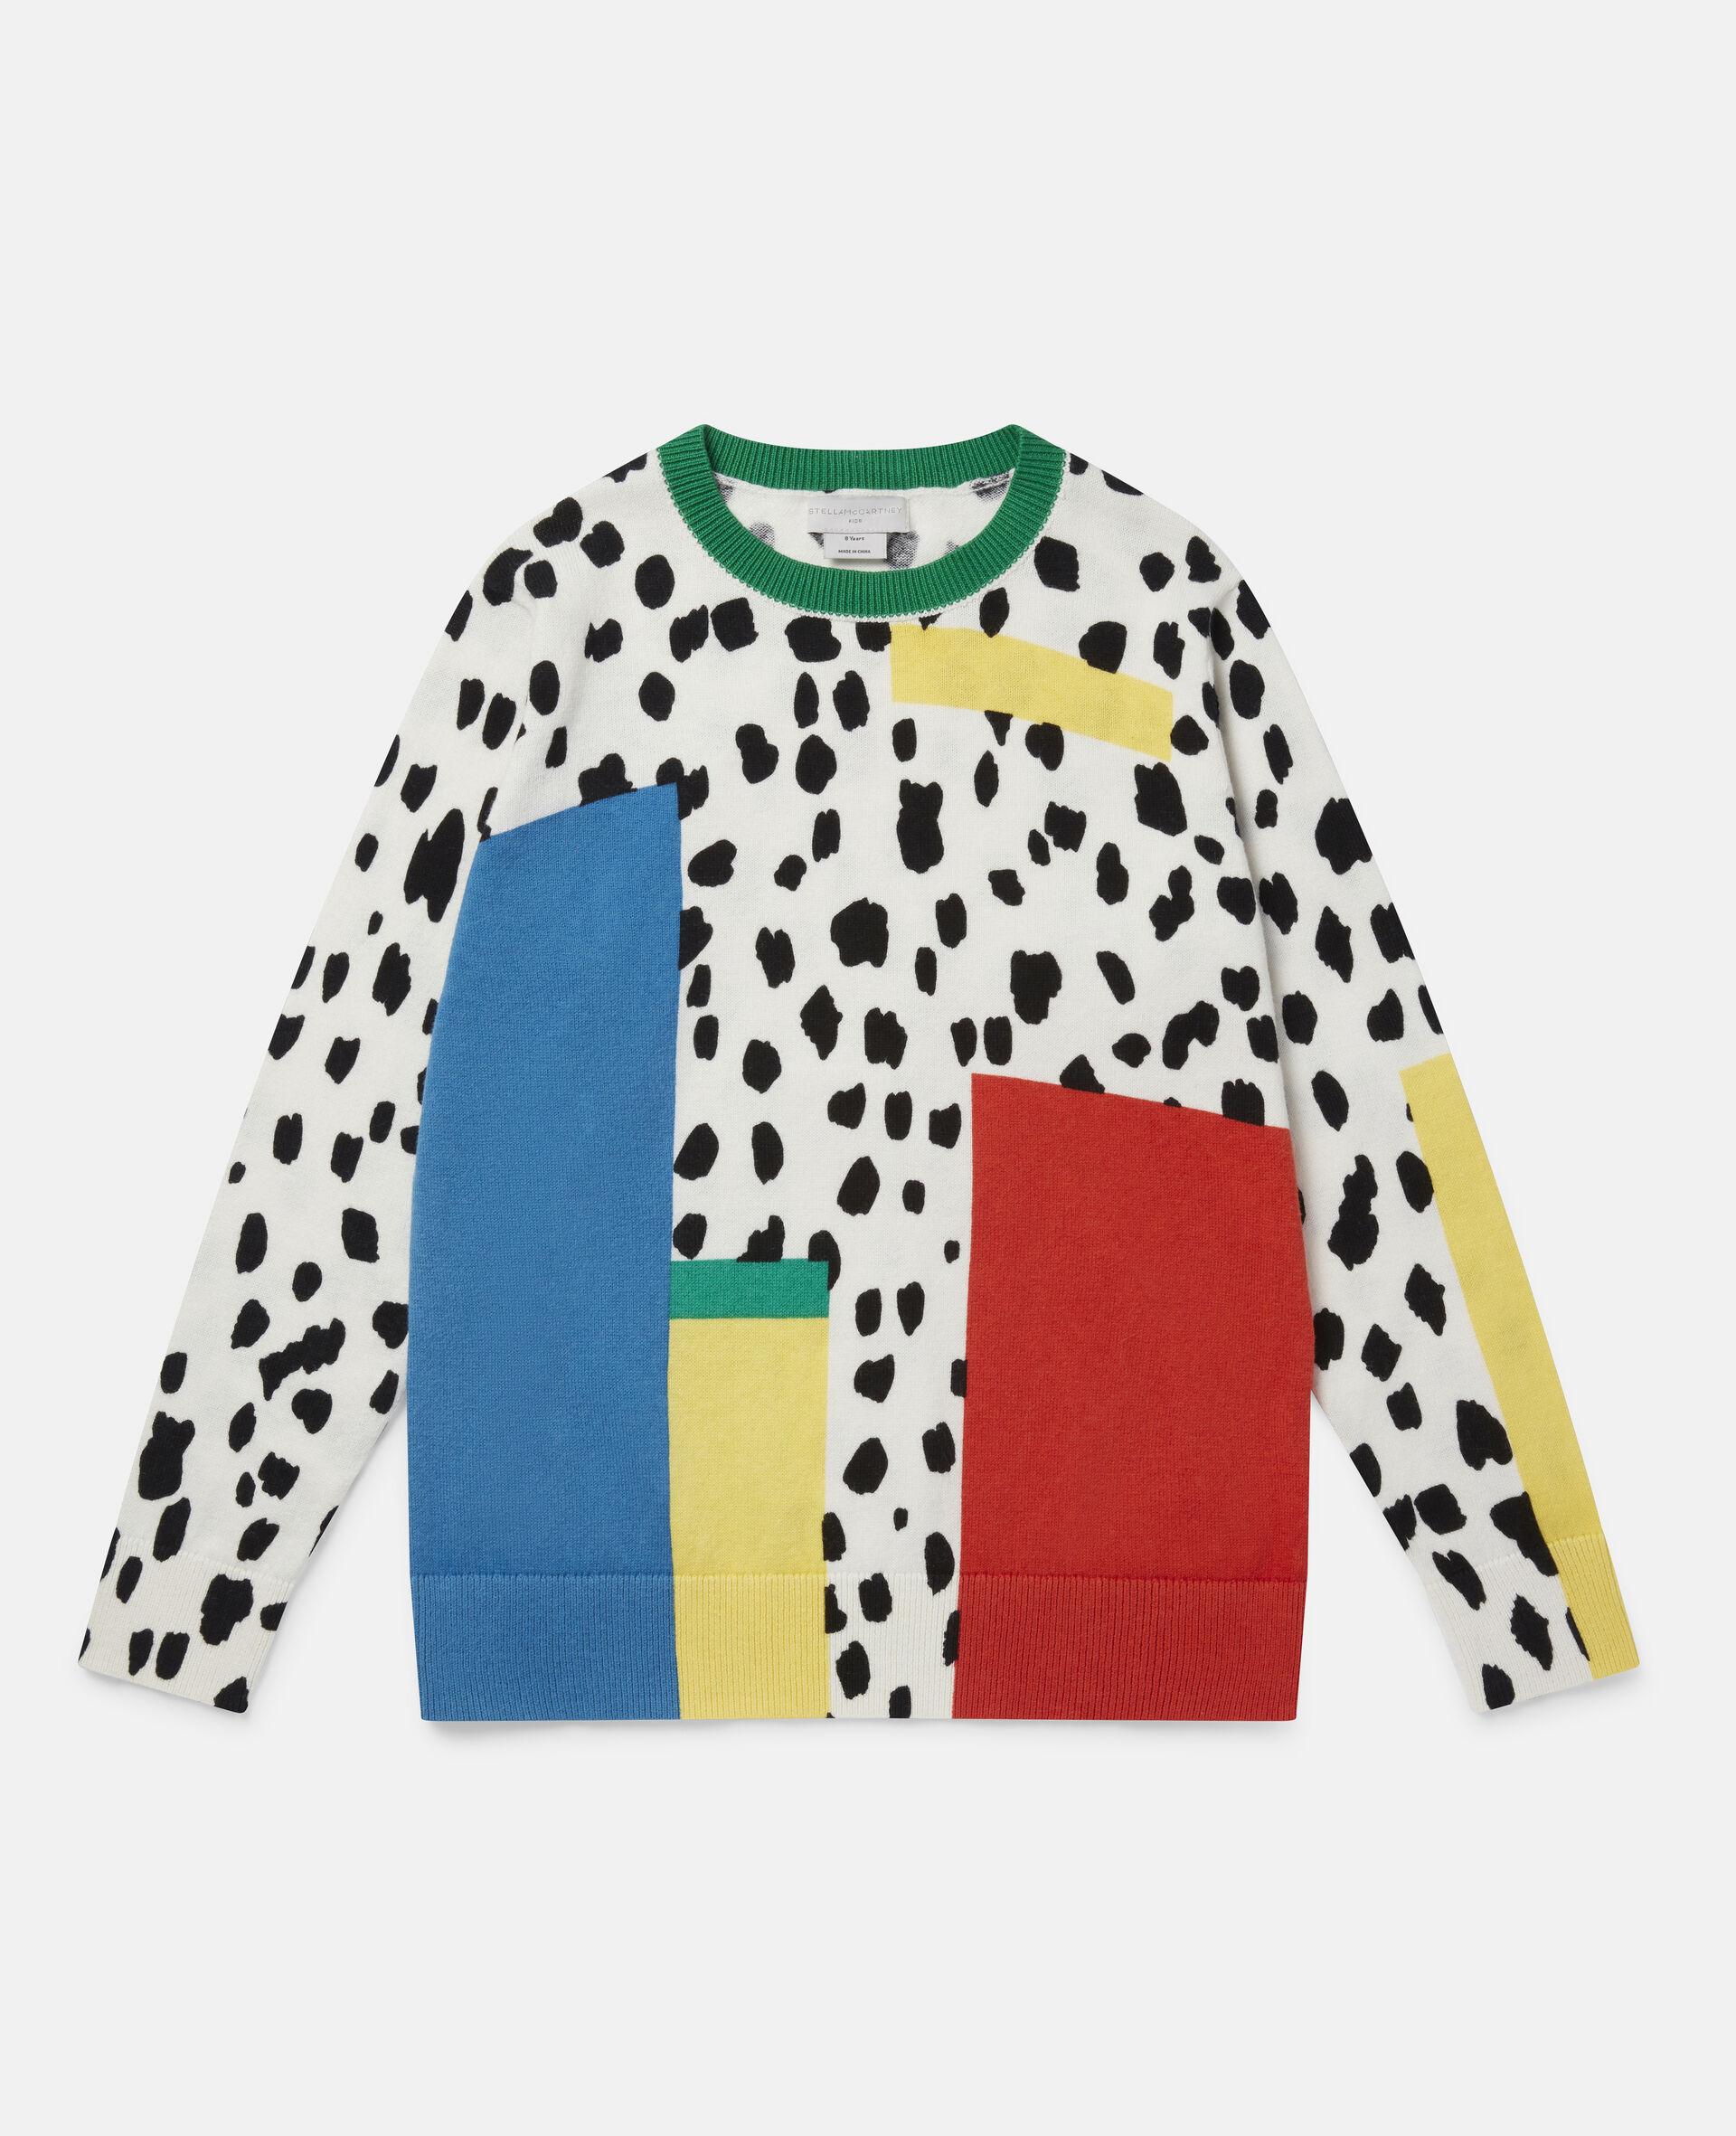 Pull en maille motif taches dalmatien-Fantaisie-large image number 0